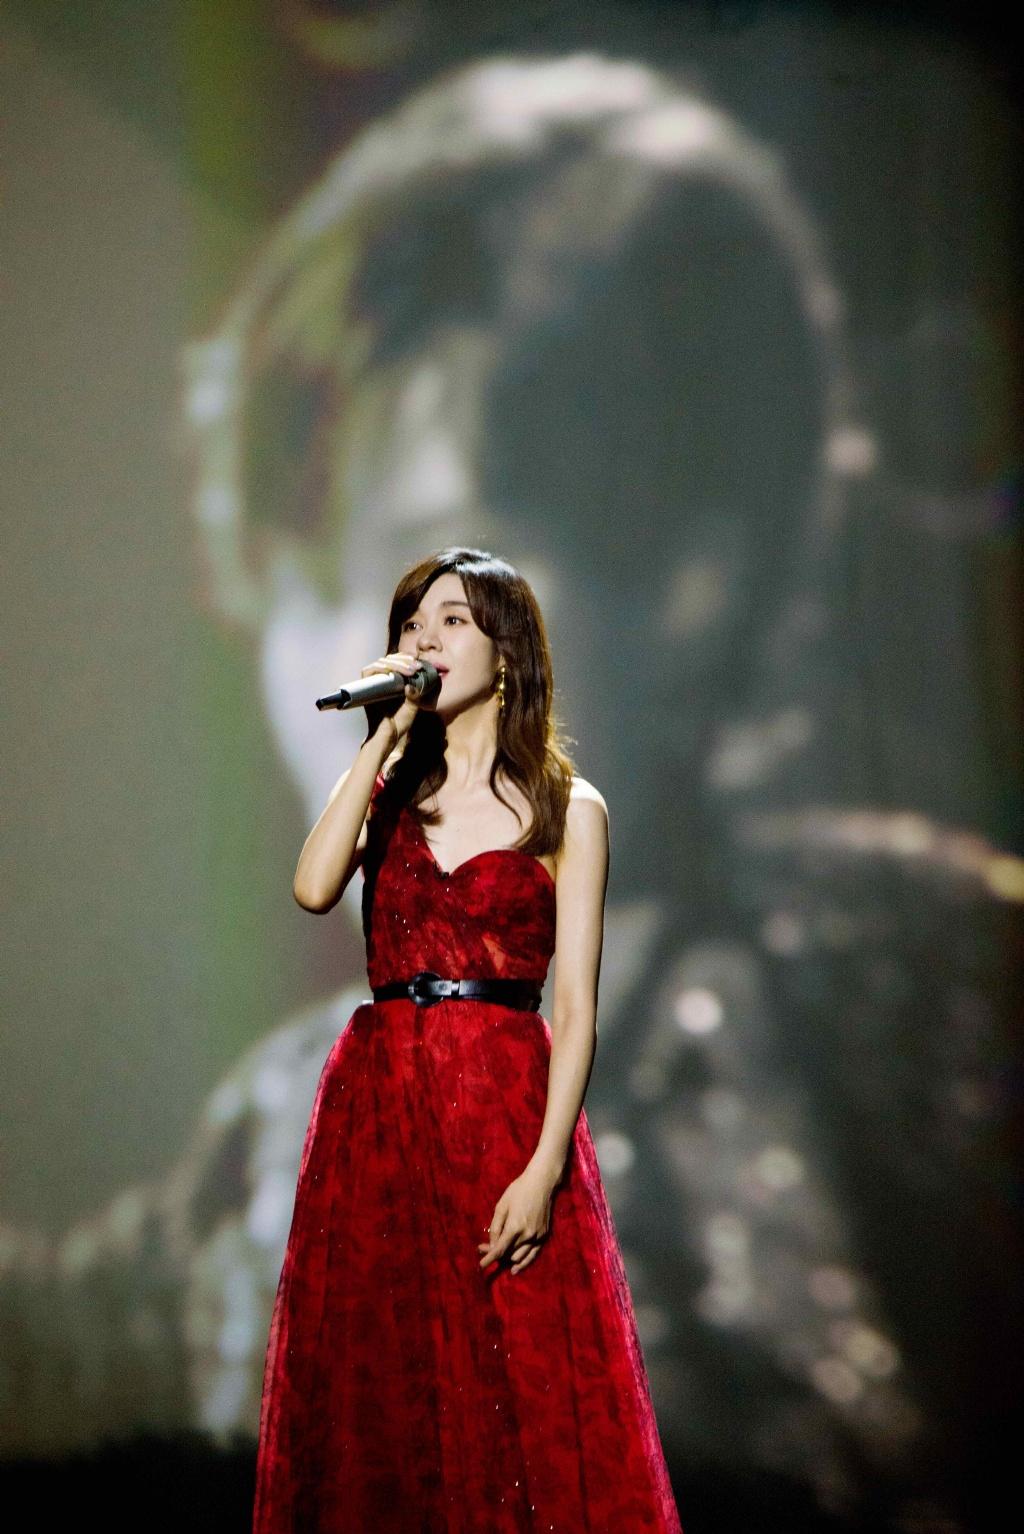 郁可唯斜肩礼裙性感图片 郁可唯唱歌舞台被拍图片